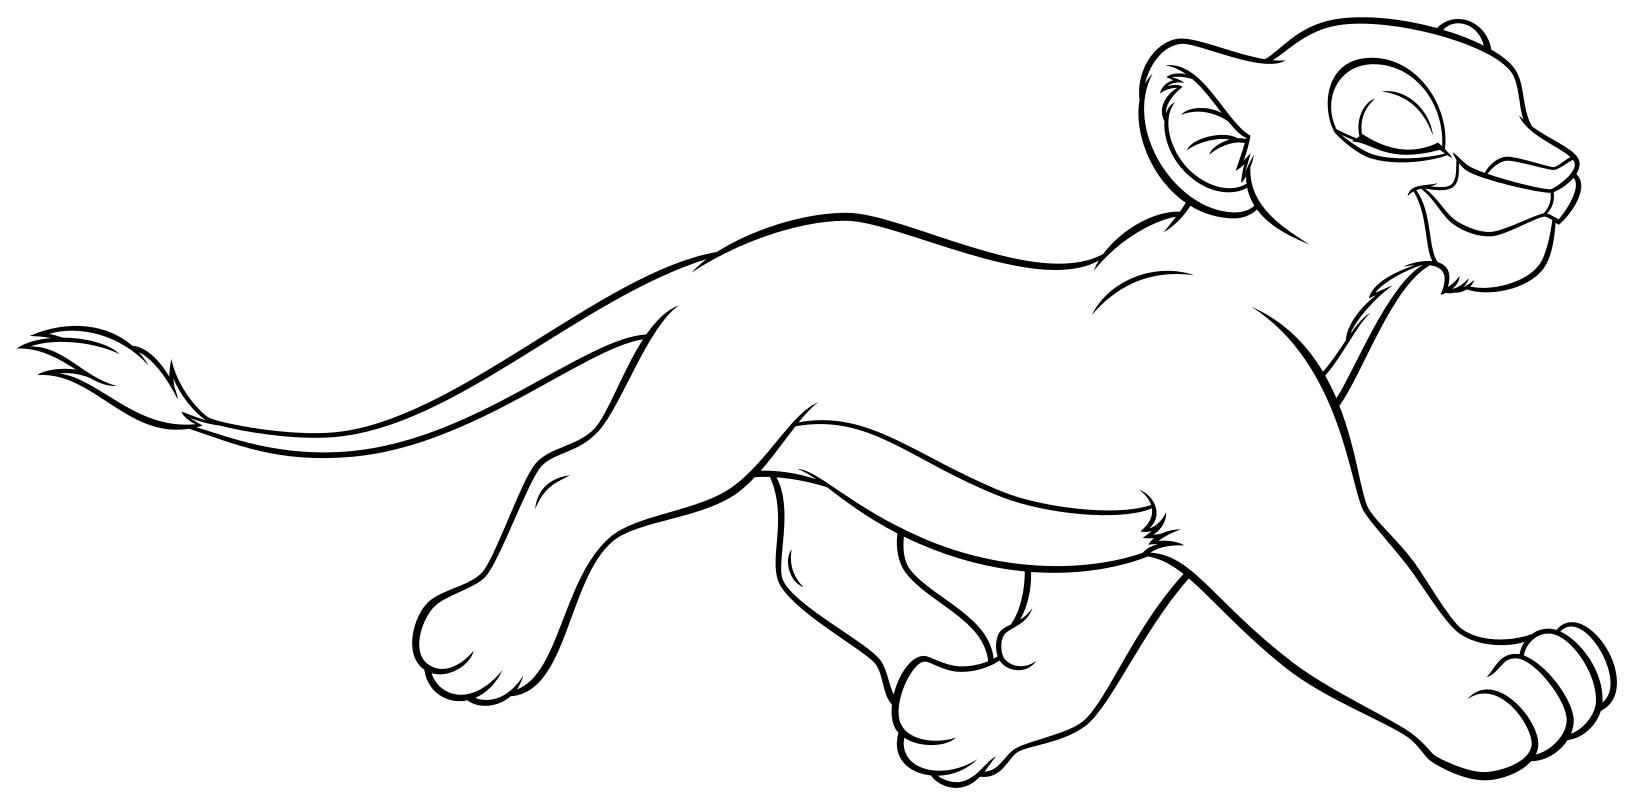 Раскраска - Король Лев - Маленькая Нала бежит | MirChild